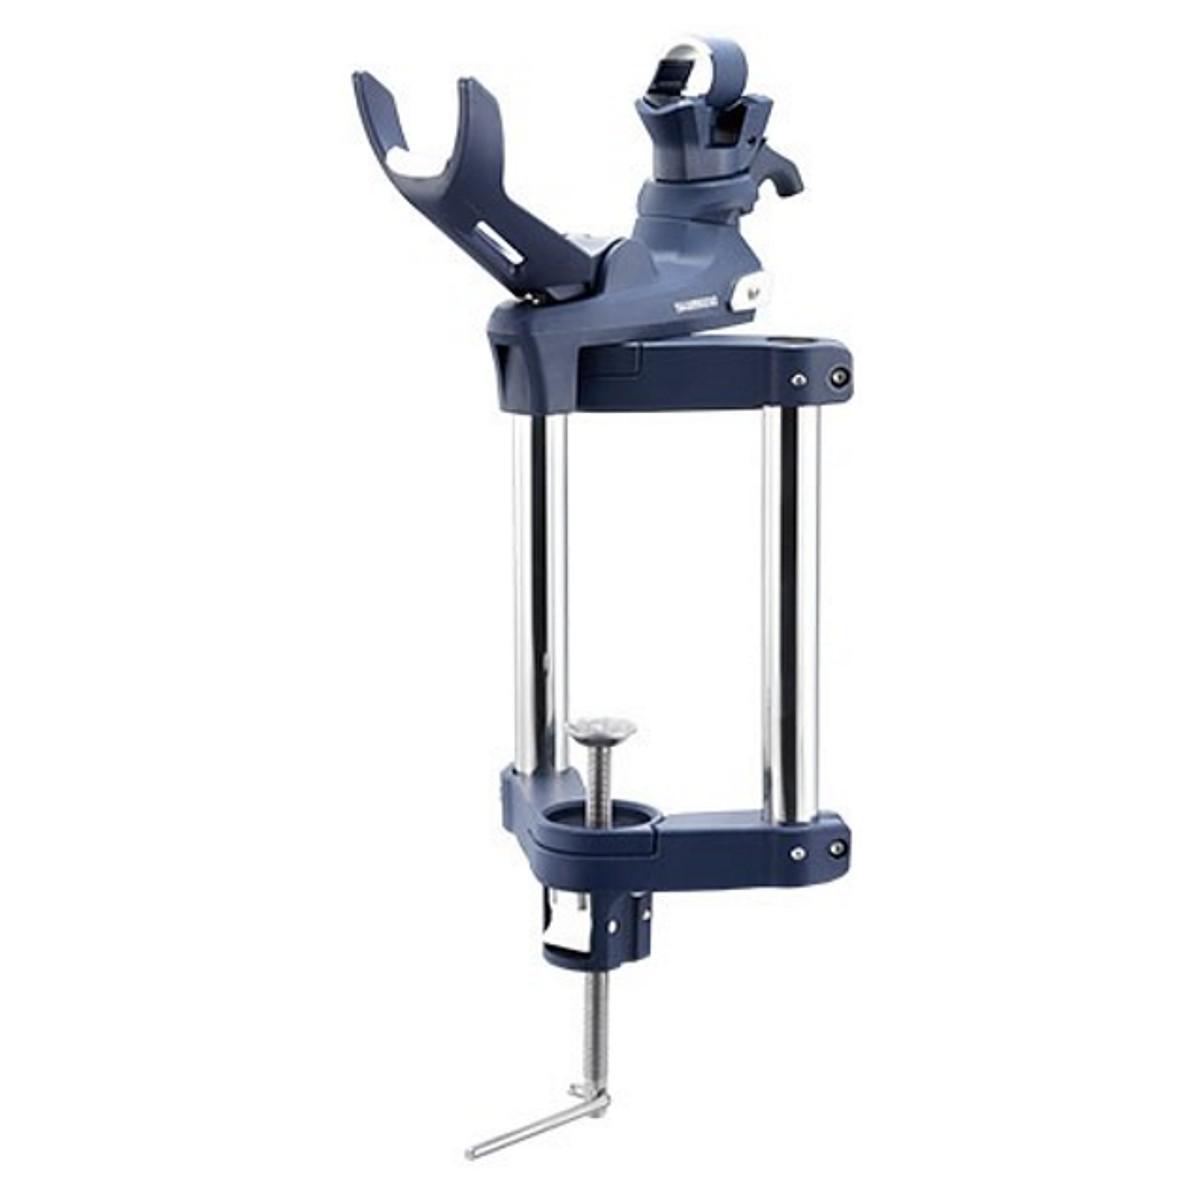 シマノ ブイホルダー ロング RH-022Q ブルー